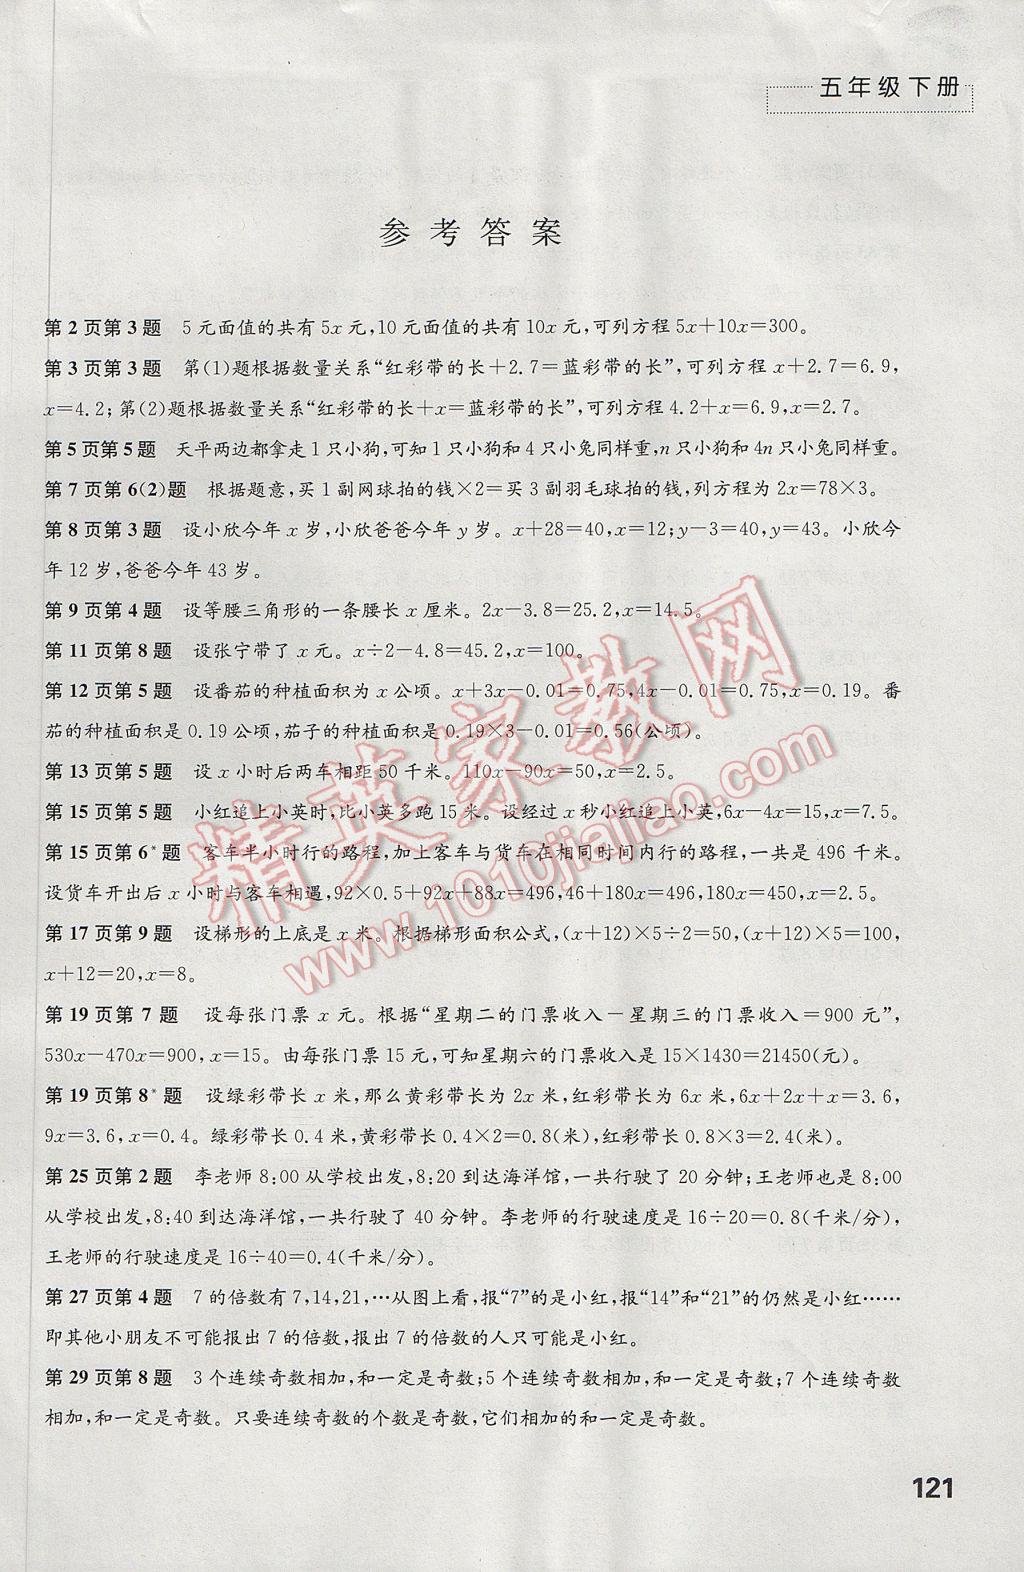 2017年练习与测试小学数学五年级下册苏教版参考答案第1页